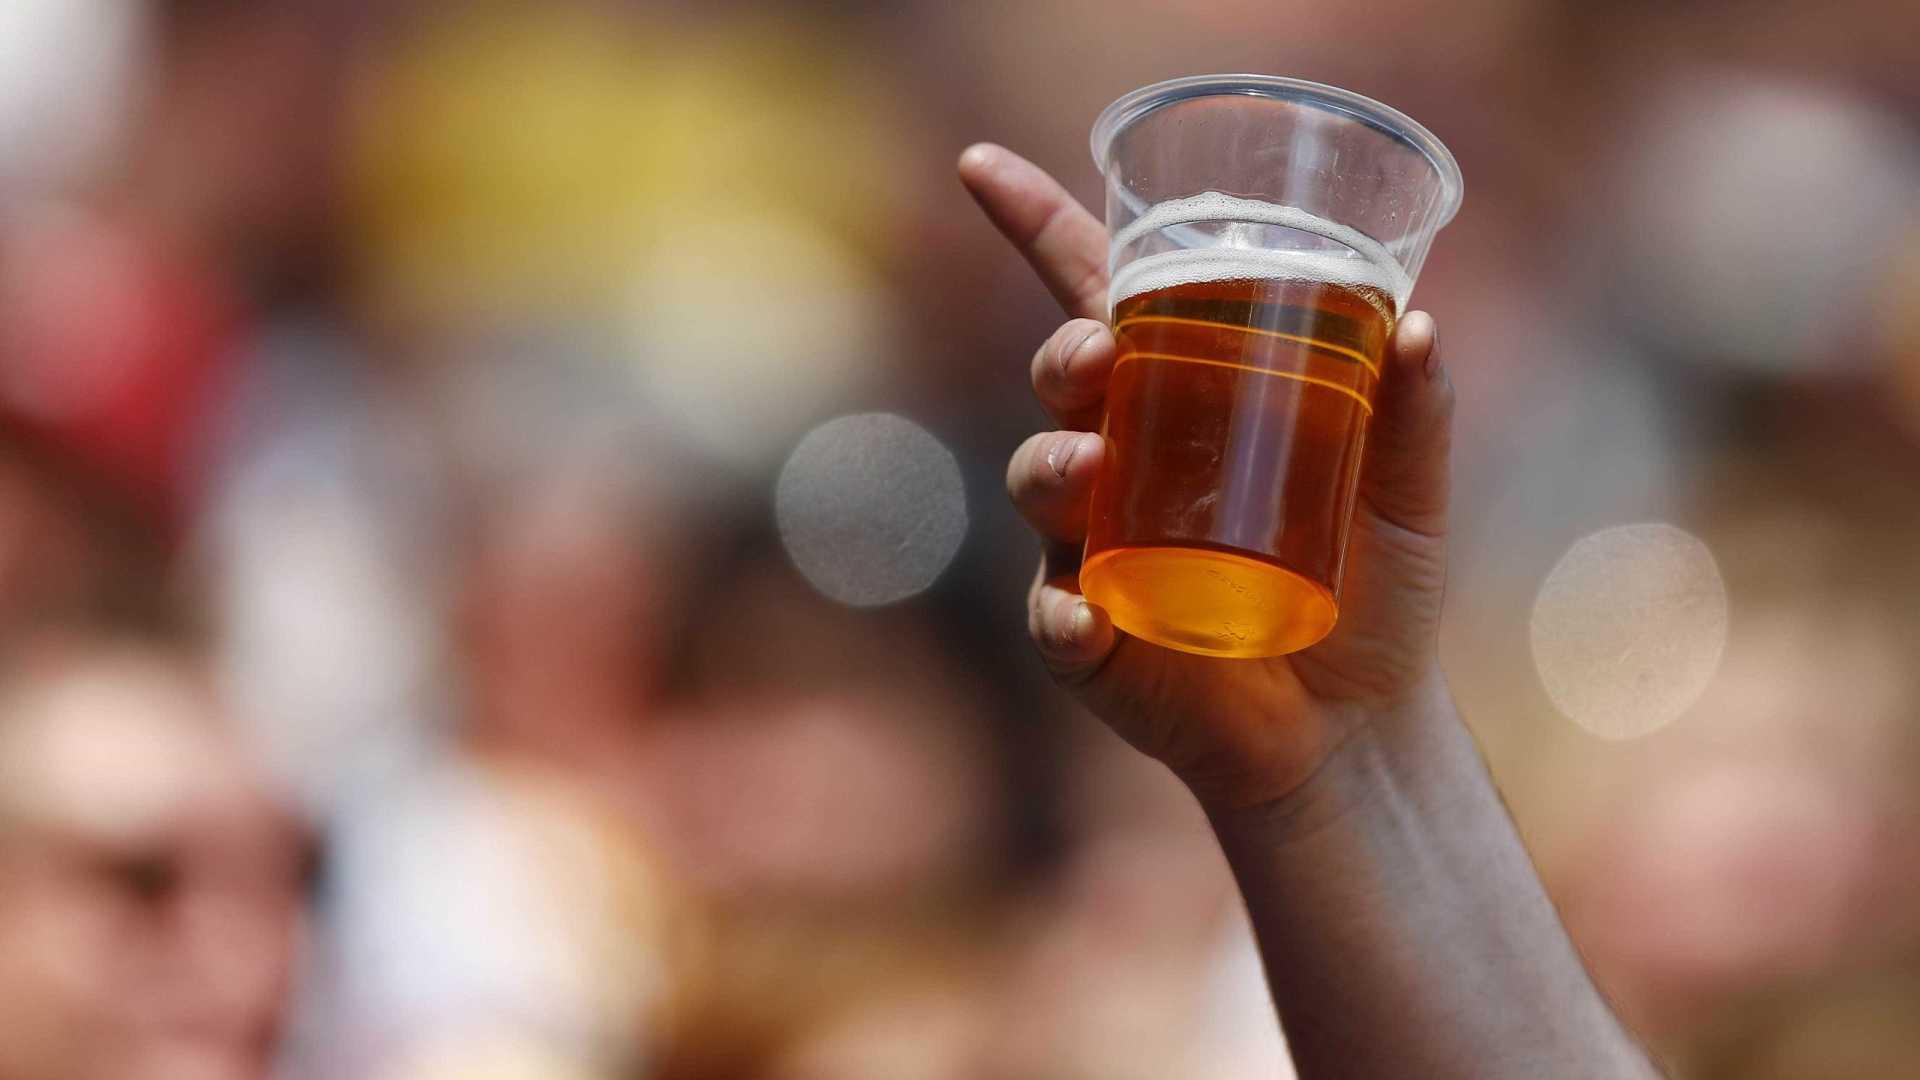 naom 5a9edfefcdc6b - Estudo mostra ligação entre álcool e suicídio na faixa de 25 a 44 anos